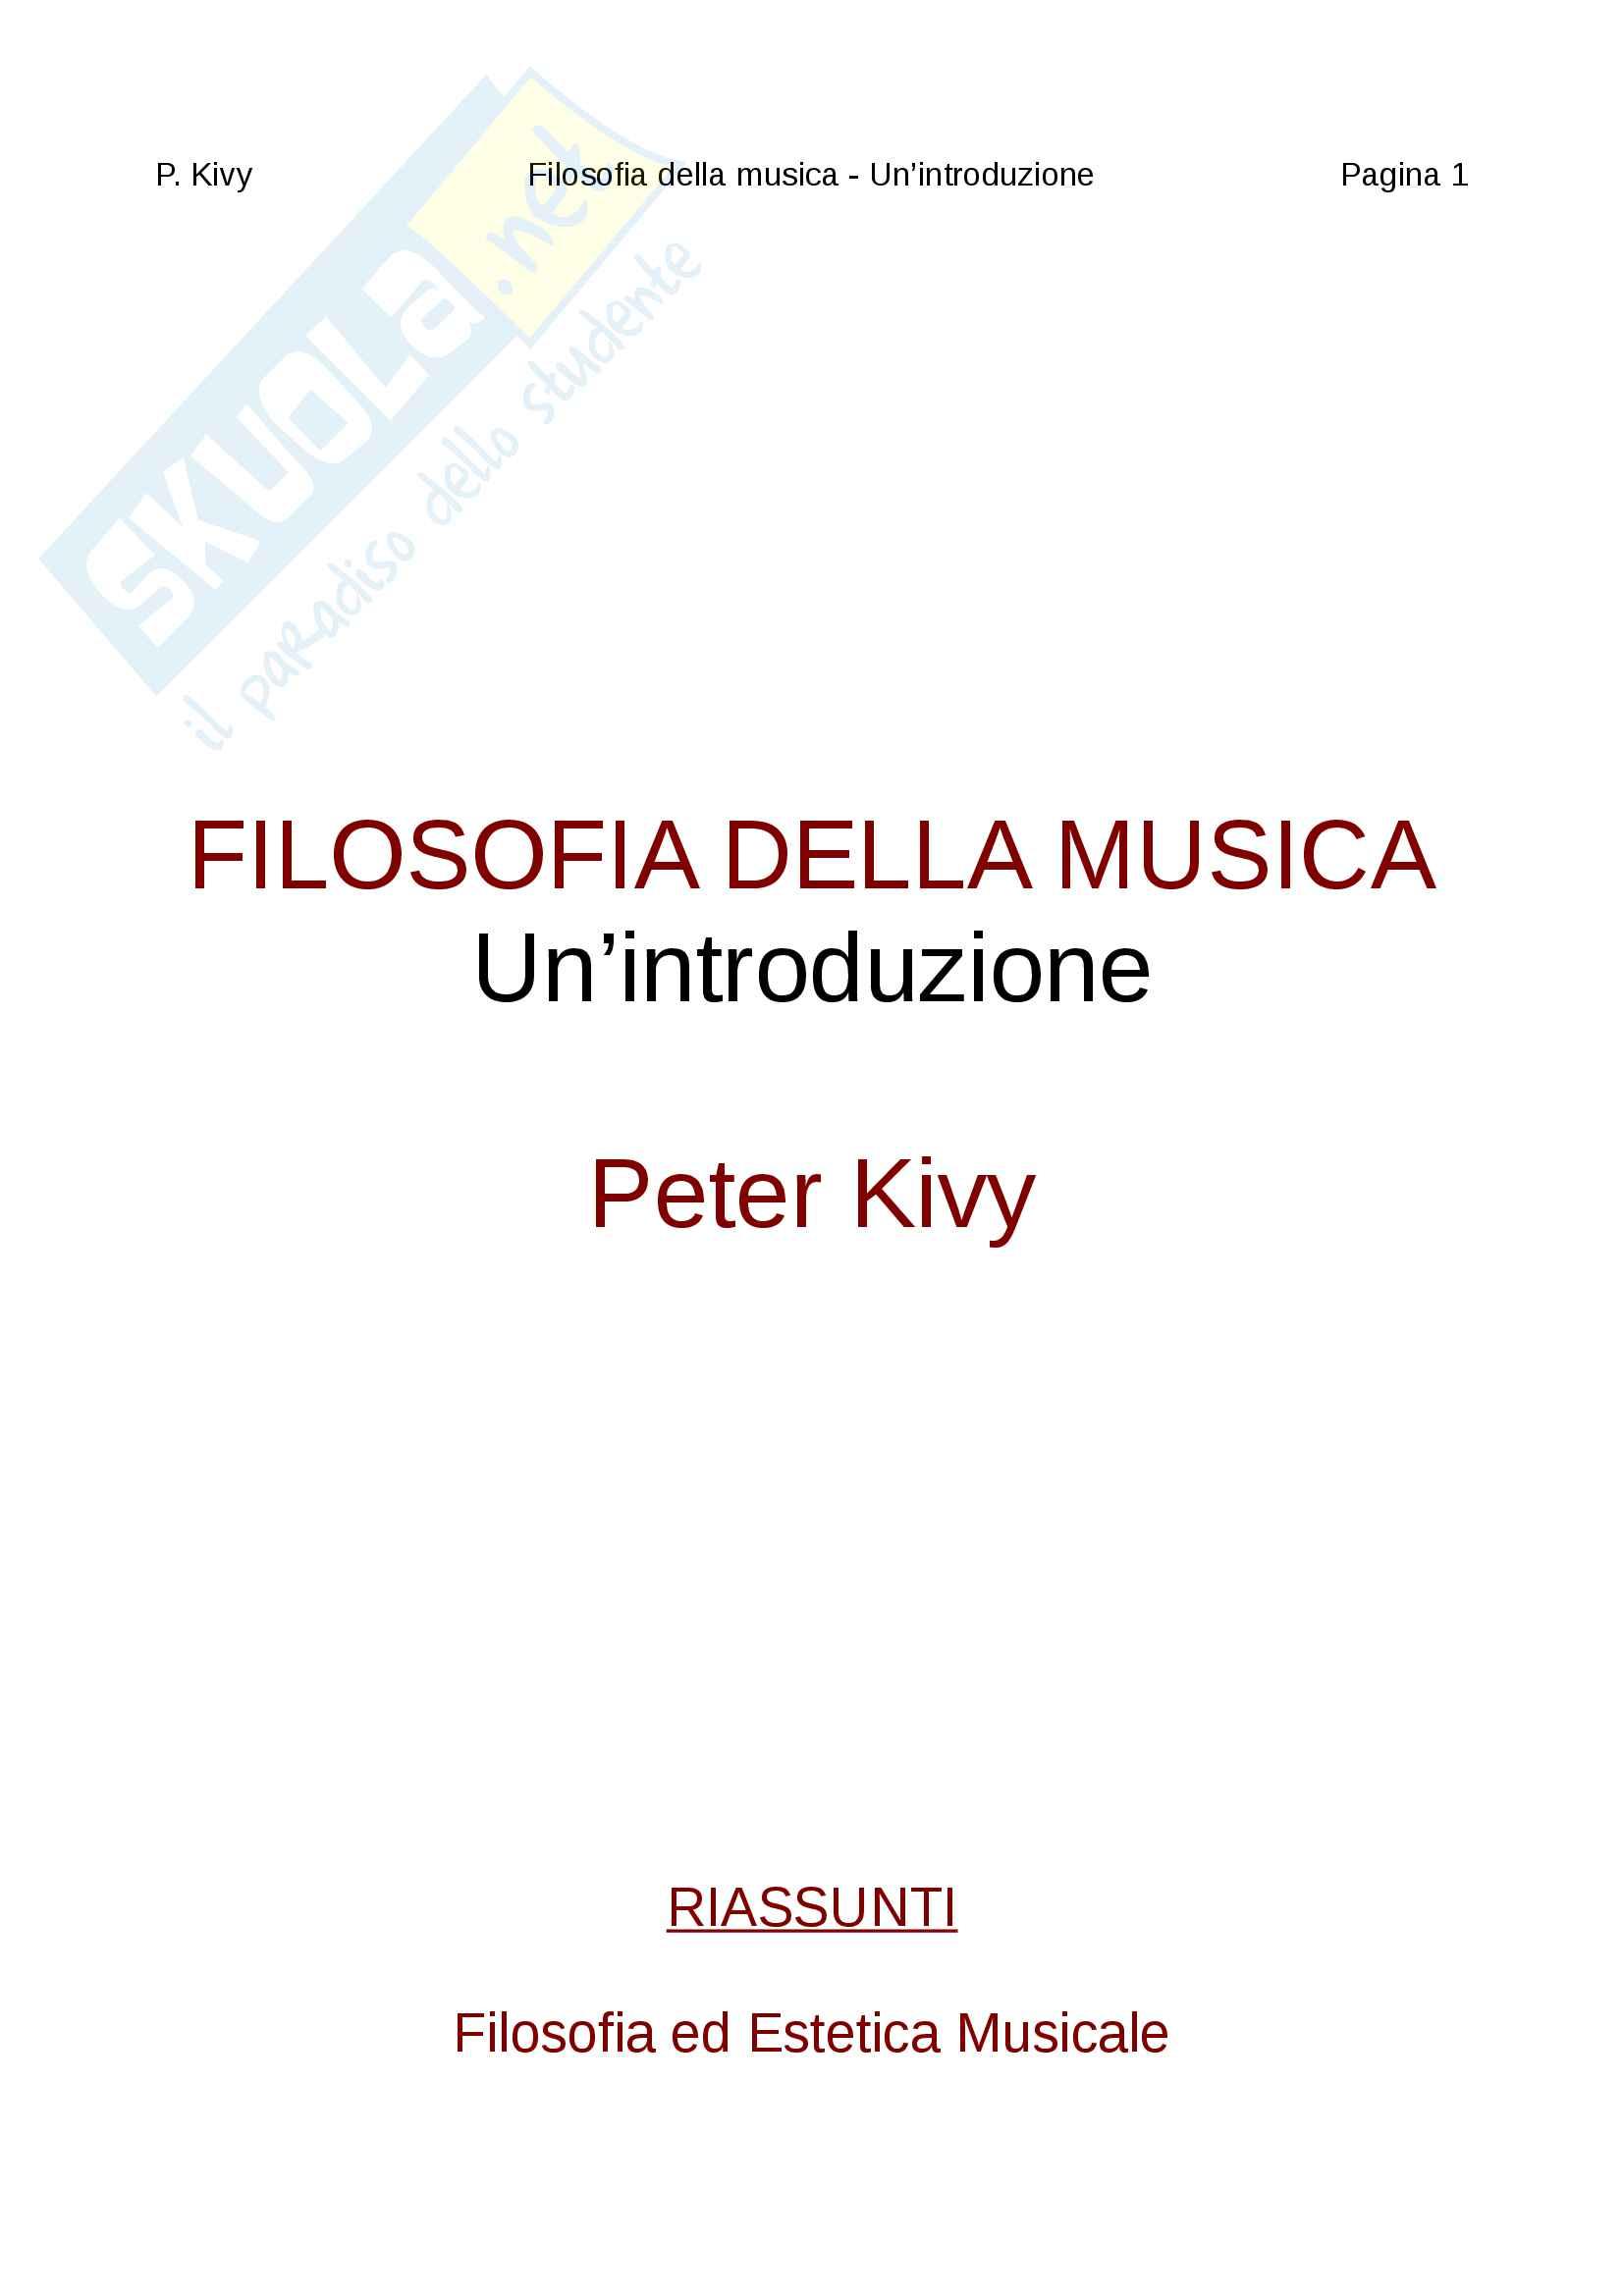 Riassunti per filosofia ed estetica musicale, Prof.Giani, libro consigliato Filosofia della musica,  Kivy